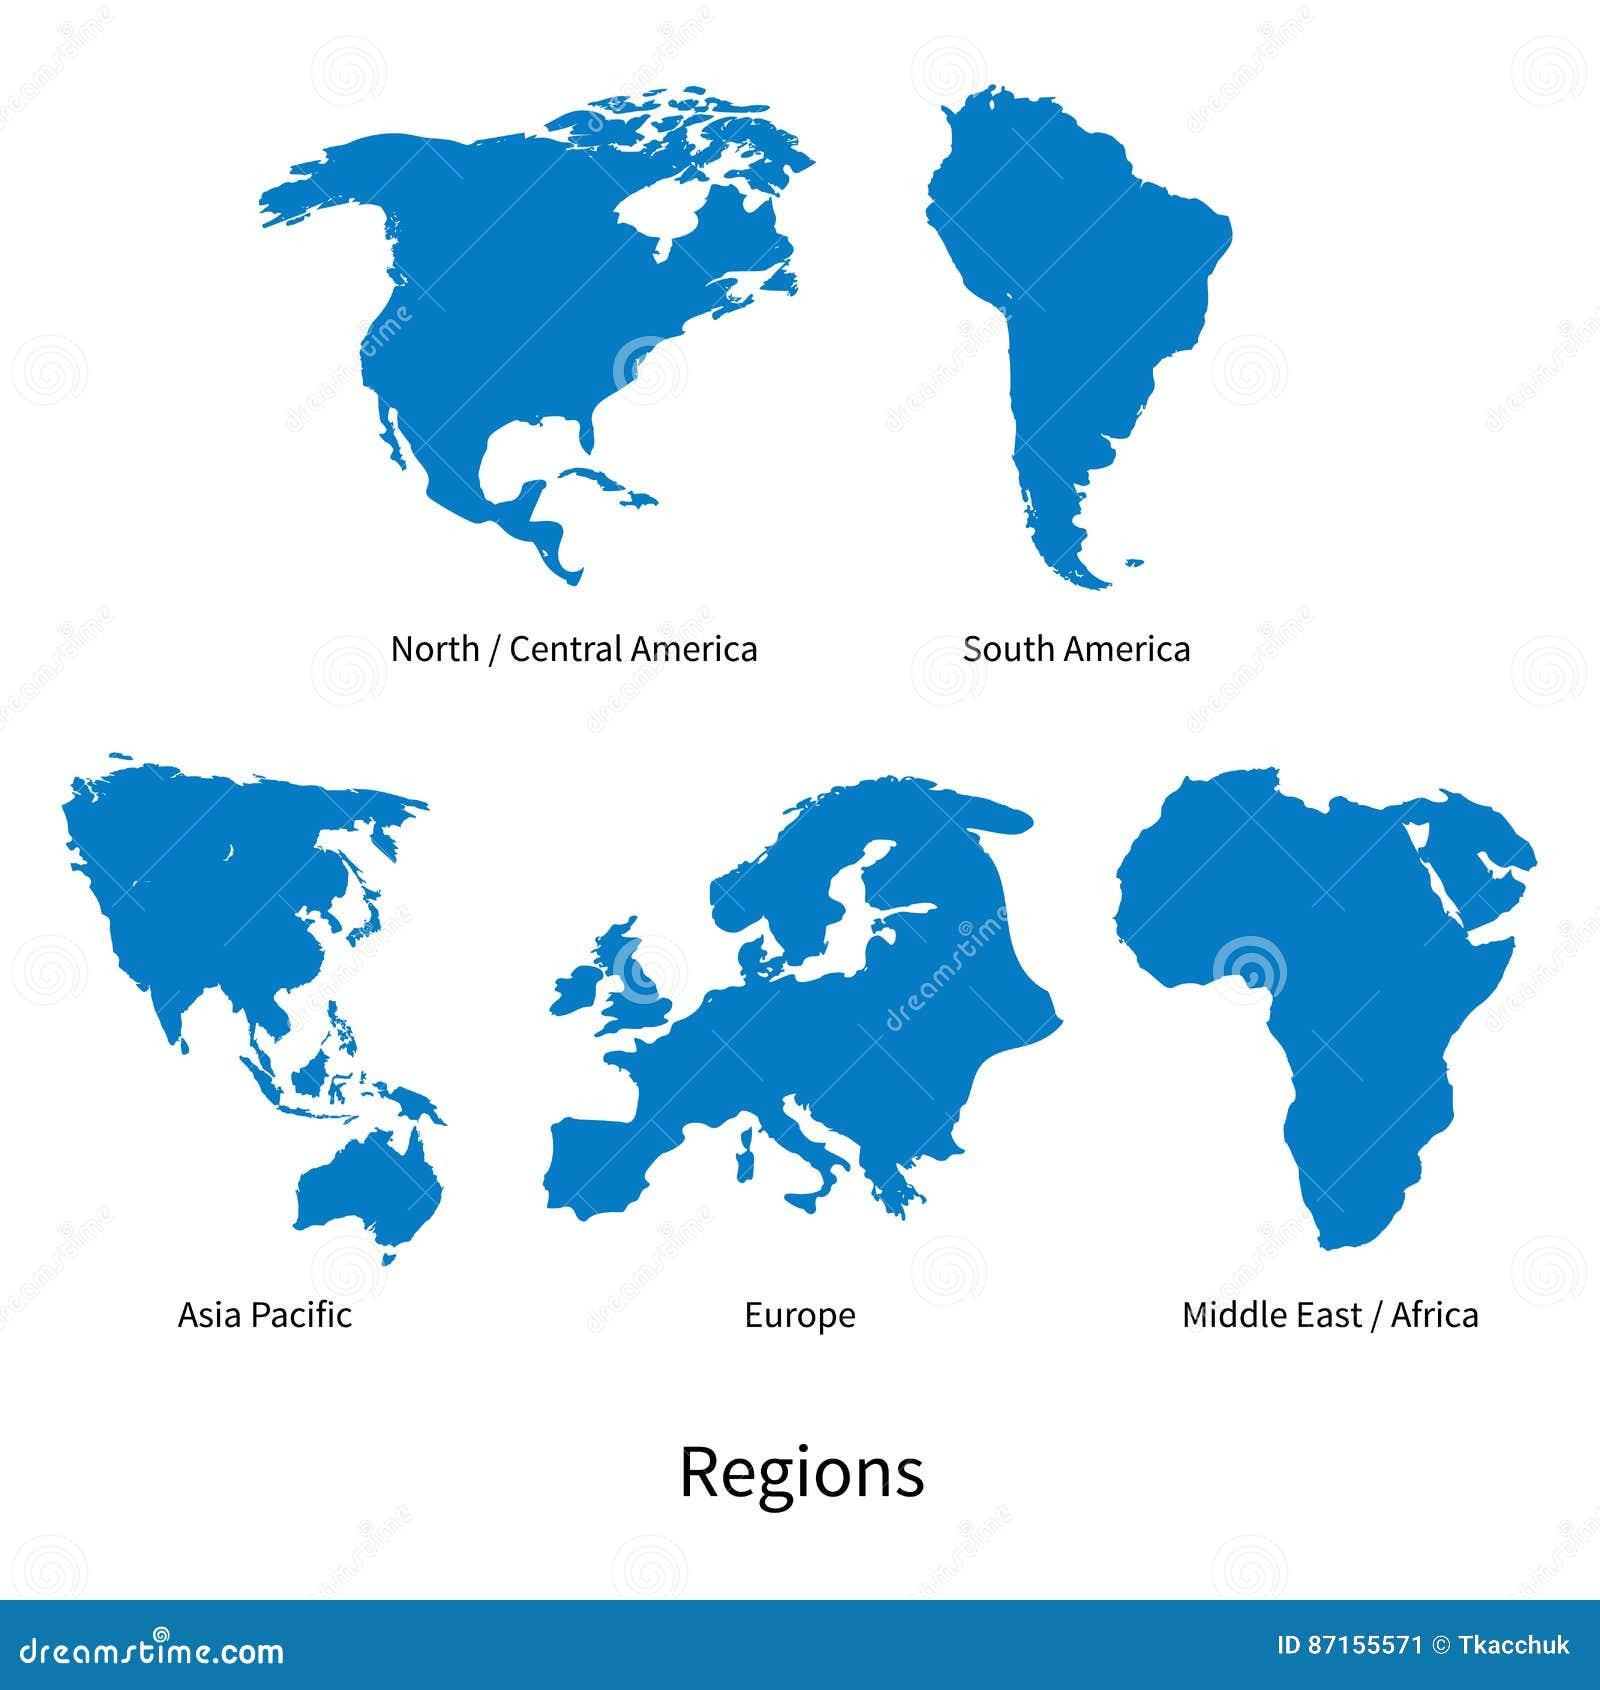 Carte Amerique Du Sud Et Amerique Centrale.Carte Detaillee De Vecteur De Nord Regions De L Amerique Centrale